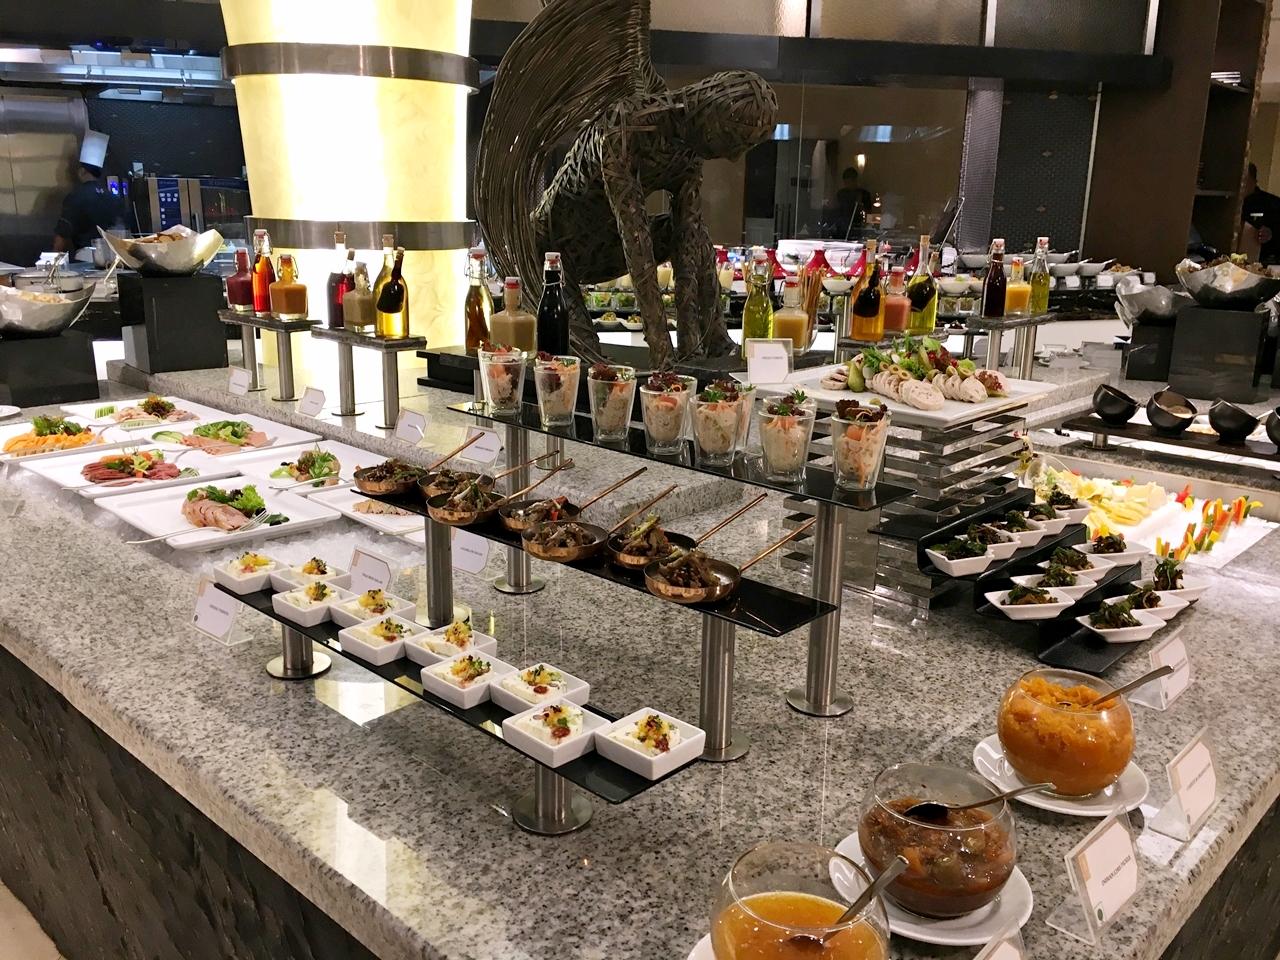 Heritance Negombo Sri Lanka - Hotel Review - Essen - Reisebericht - Hotelbewertung - Sri Lanka Urlaub - Luxus und Entspannung - Fashionladyloves by Tamara Wagner - Travel Blog - Reise Blog aus Graz Österreich